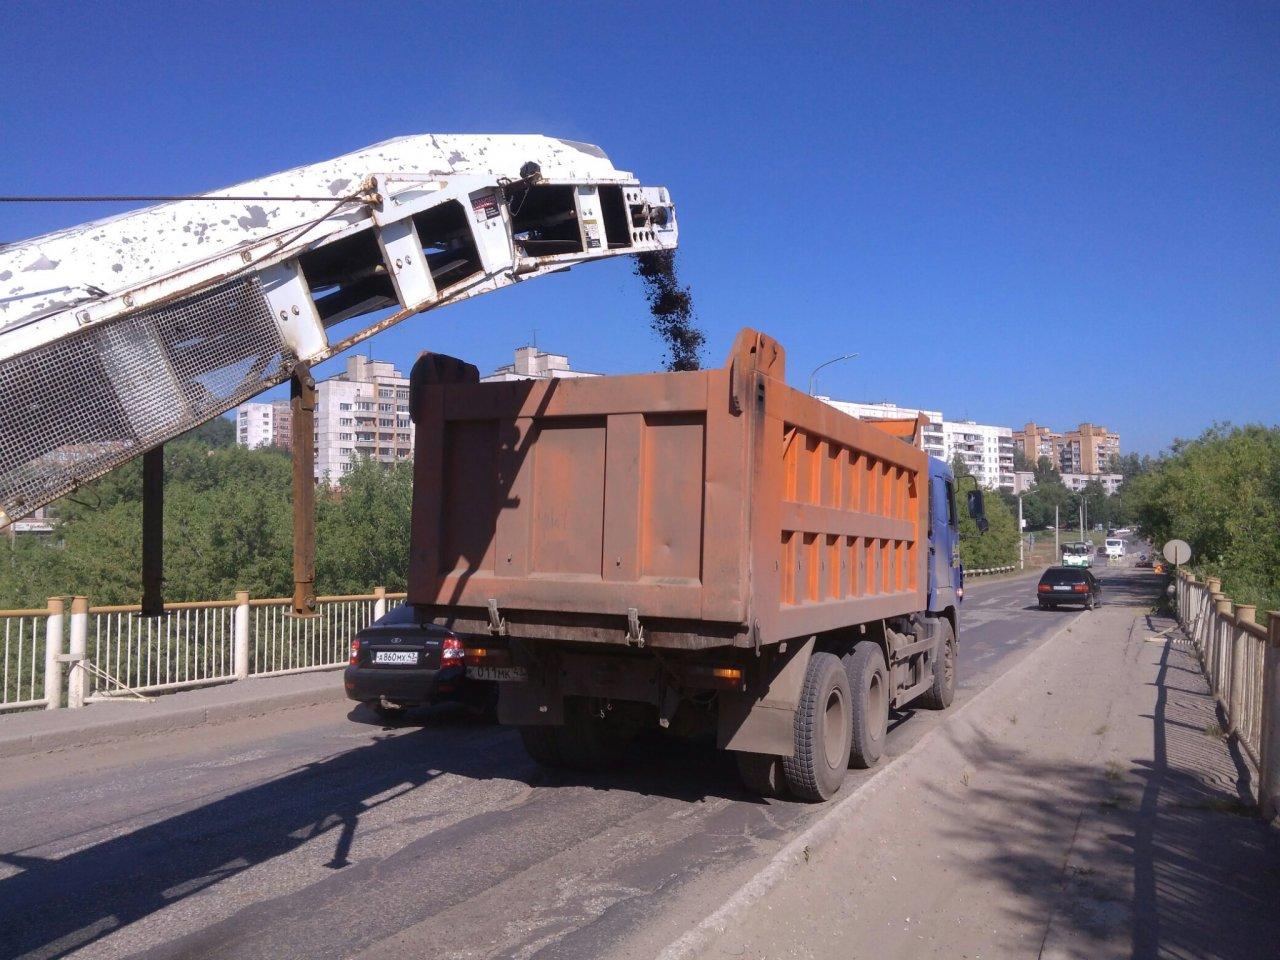 Опасность обрушения: на обследование аварийного путепровода в Чепецке выделят 3 миллиона